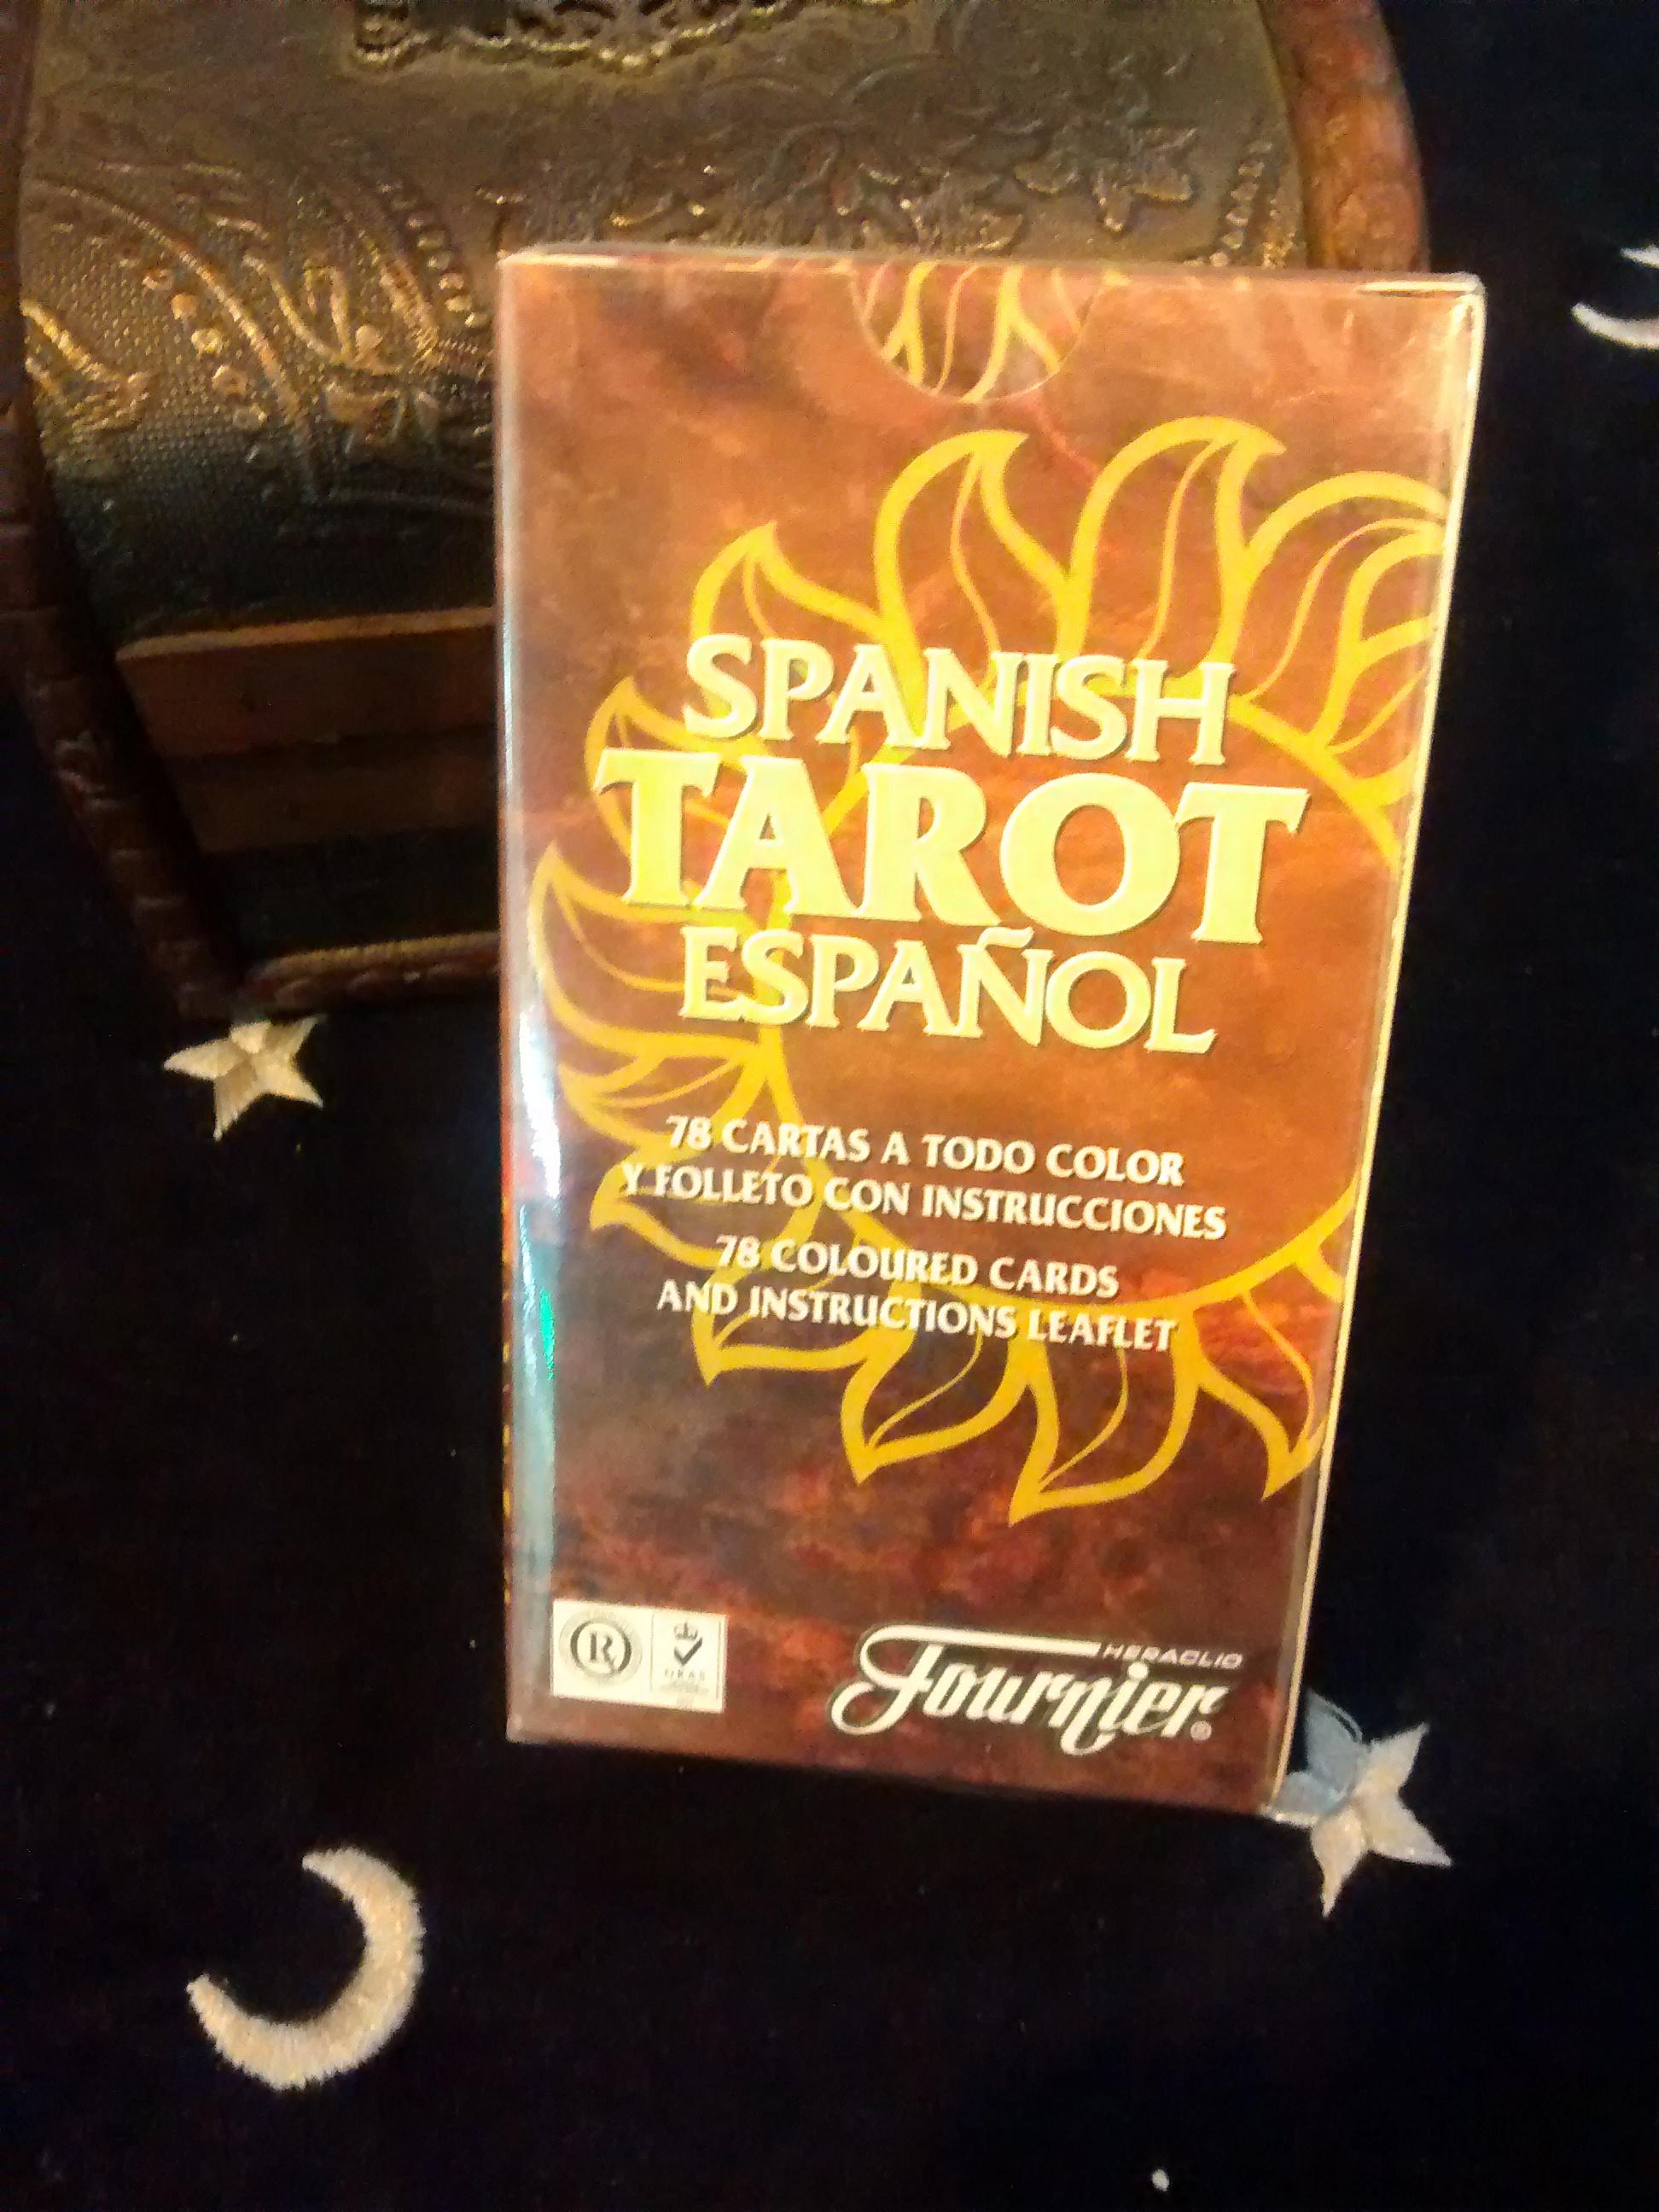 Tarot Español de Forunier